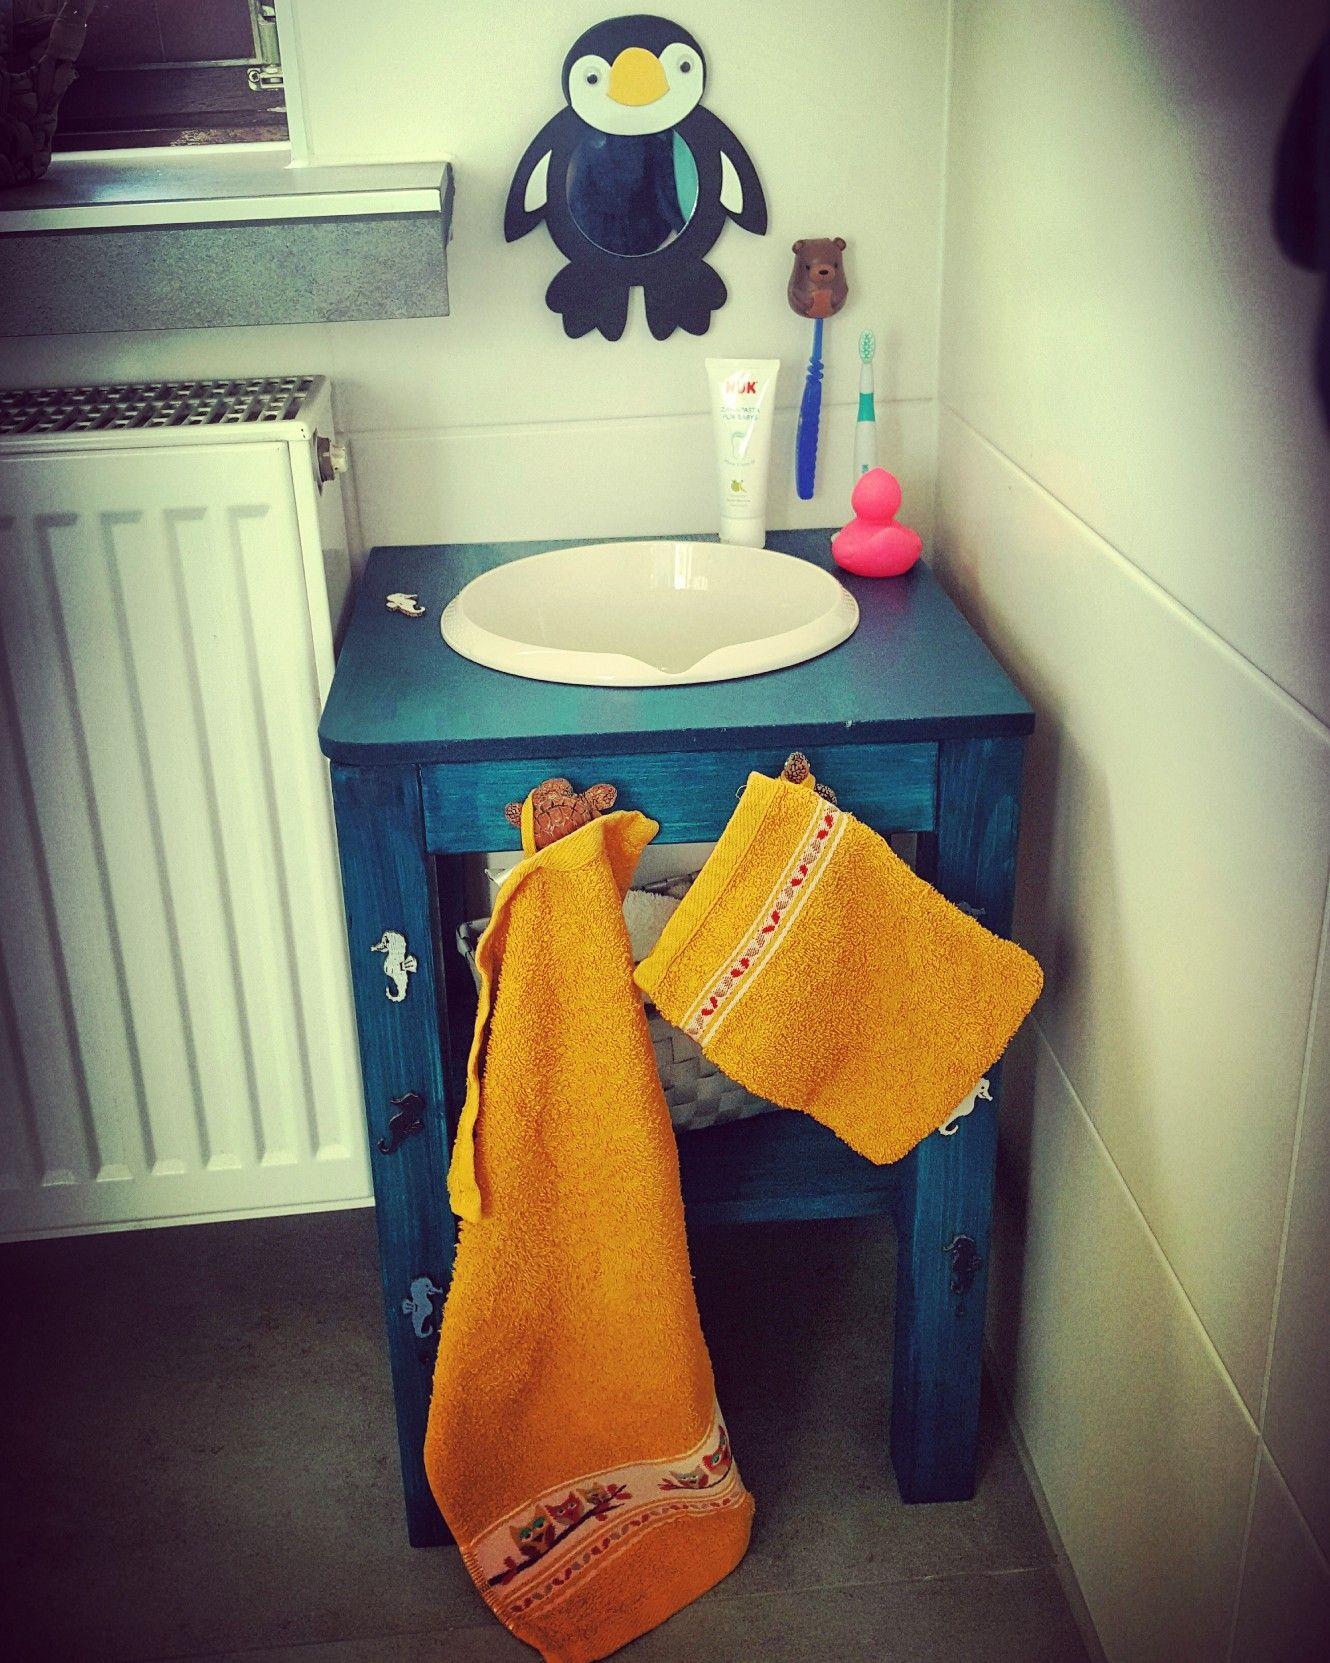 Pin Von Agata Urban Auf Dzieci Mit Bildern Kinder Badezimmer Waschtisch Kinder